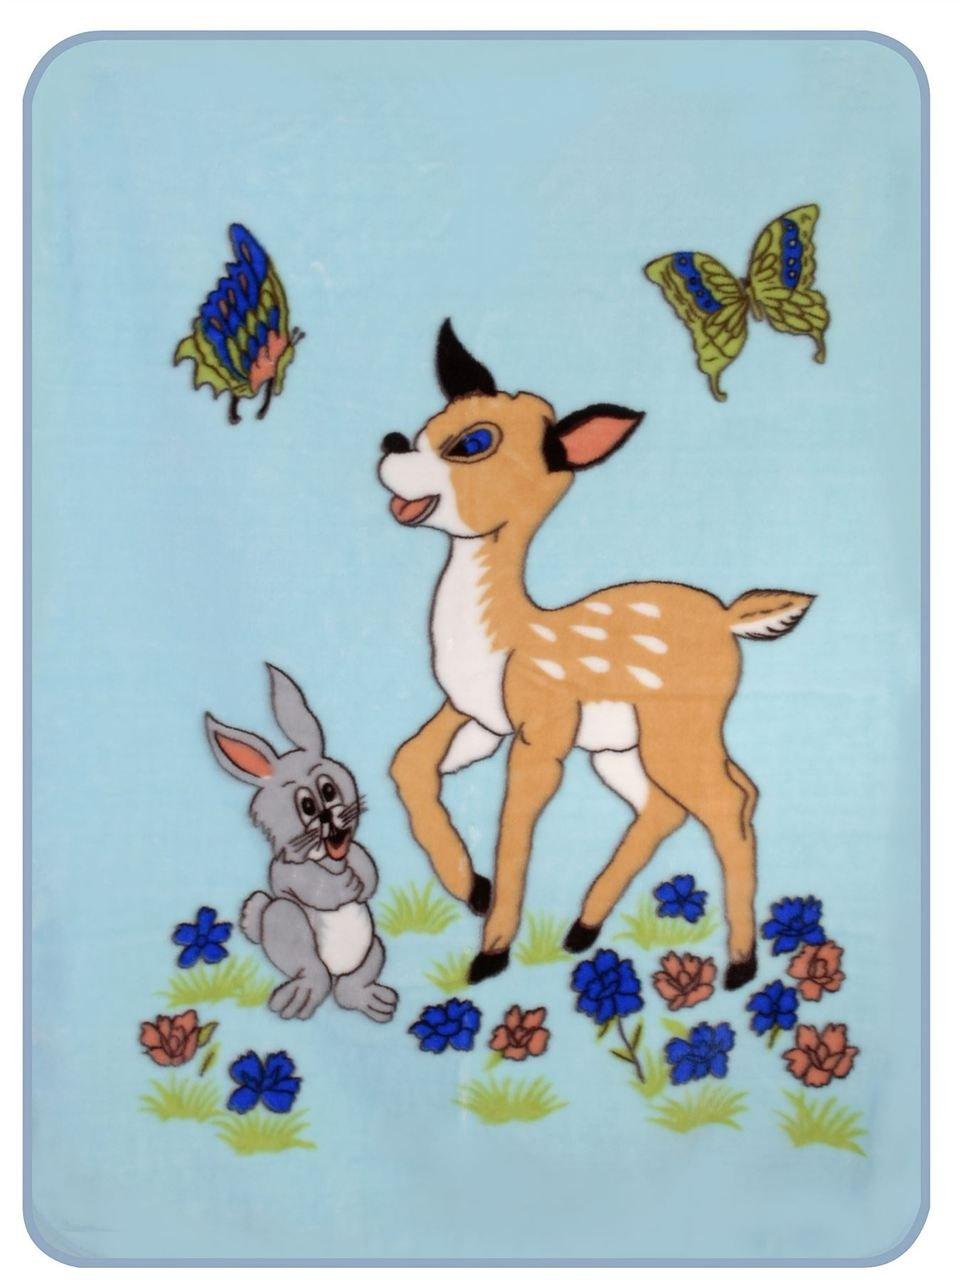 フォレストフレンズ ウサギと赤ちゃん 鹿 フェイクファー 男の子 ブルー ベビーベッド スローブランケット - 40インチ X 50インチ   B010LYDSV2